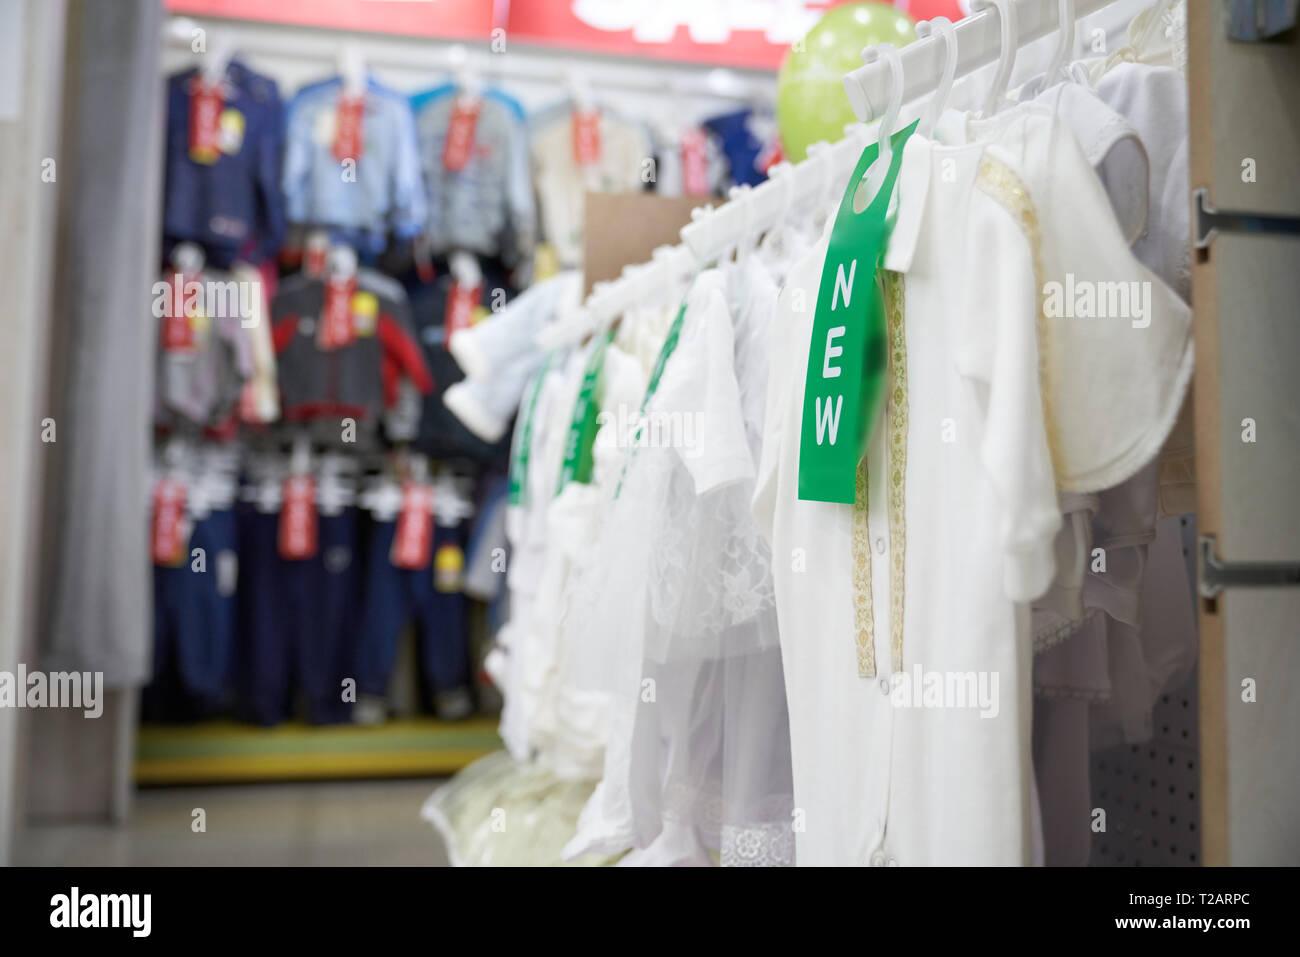 f9551ff99fec Grande scelta di moderni ed eleganti in capi di abbigliamento di moda  department store. Camicette bianco su t shirt su appendiabiti.